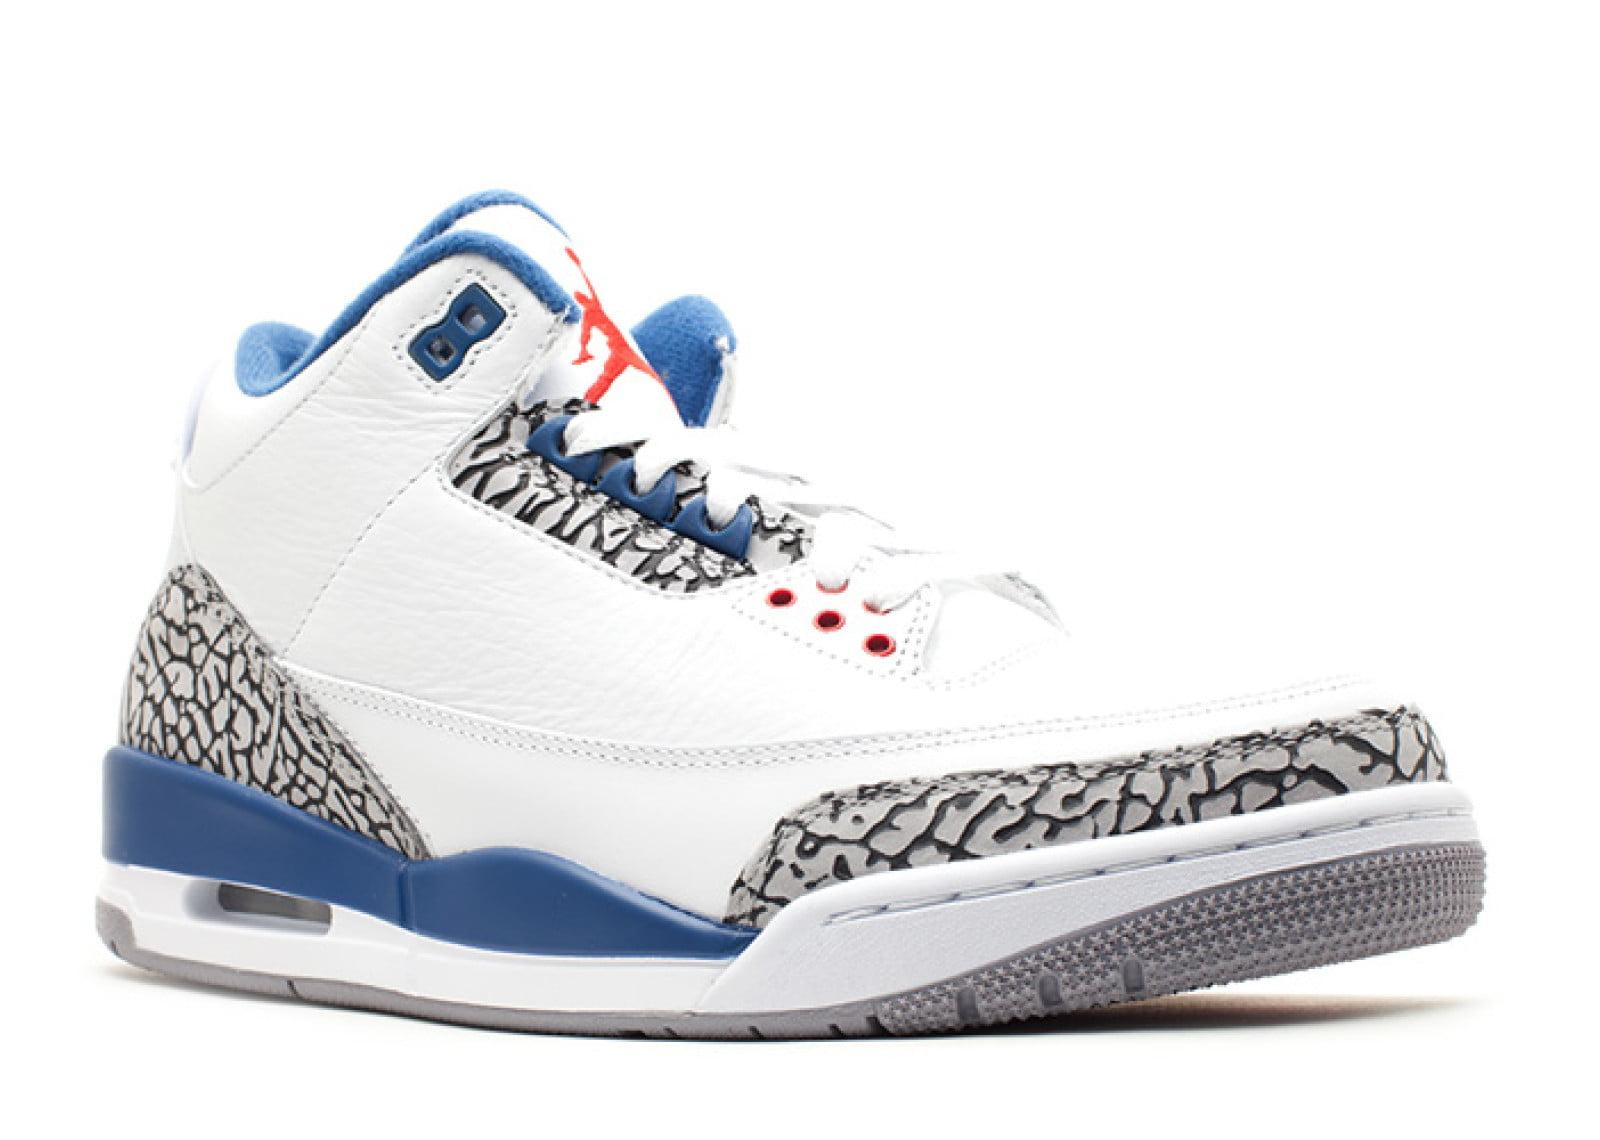 0e7fda1c1a49 Air Jordan - Men - Air Jordan 3 Retro  True Blue 2011 Release ...